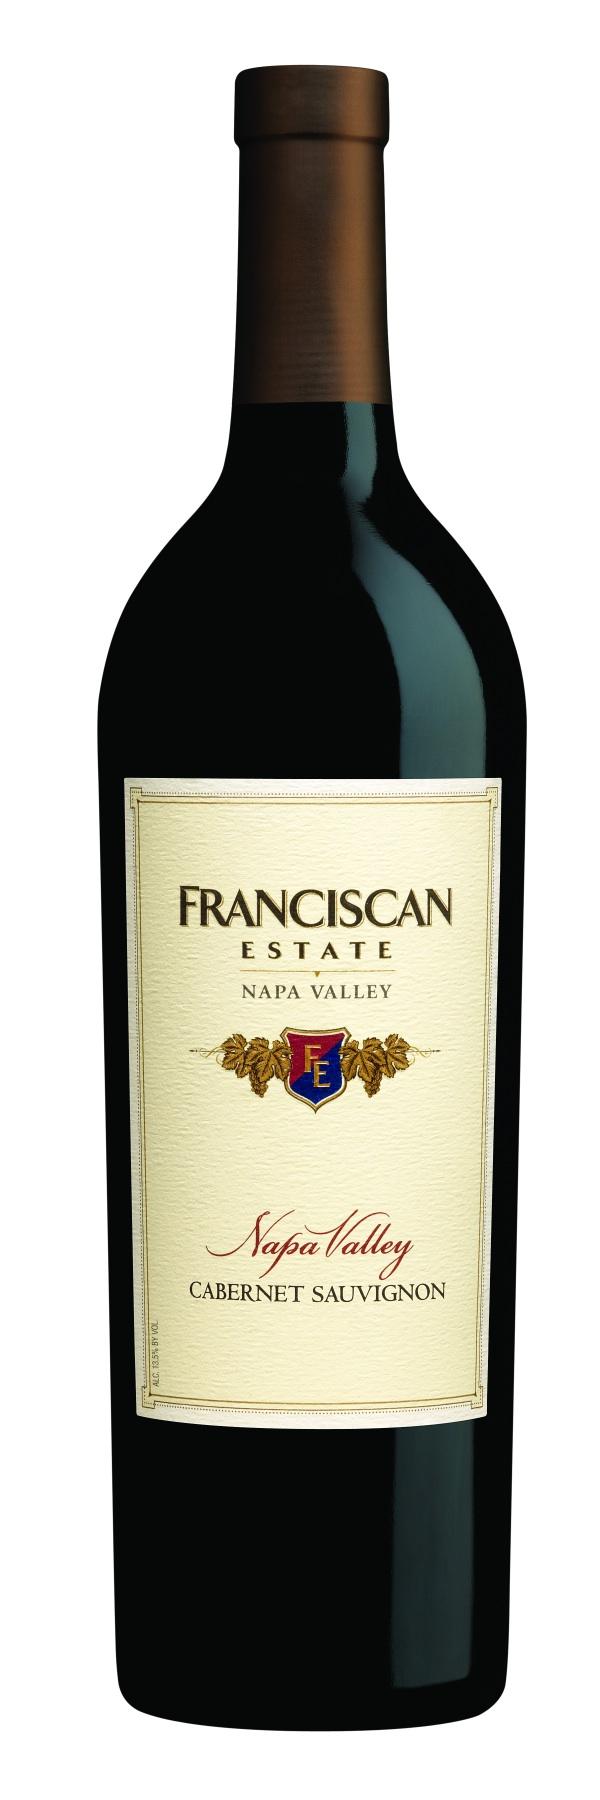 2011 Franciscan Estate Cabernet Sauvignon Napa Valley